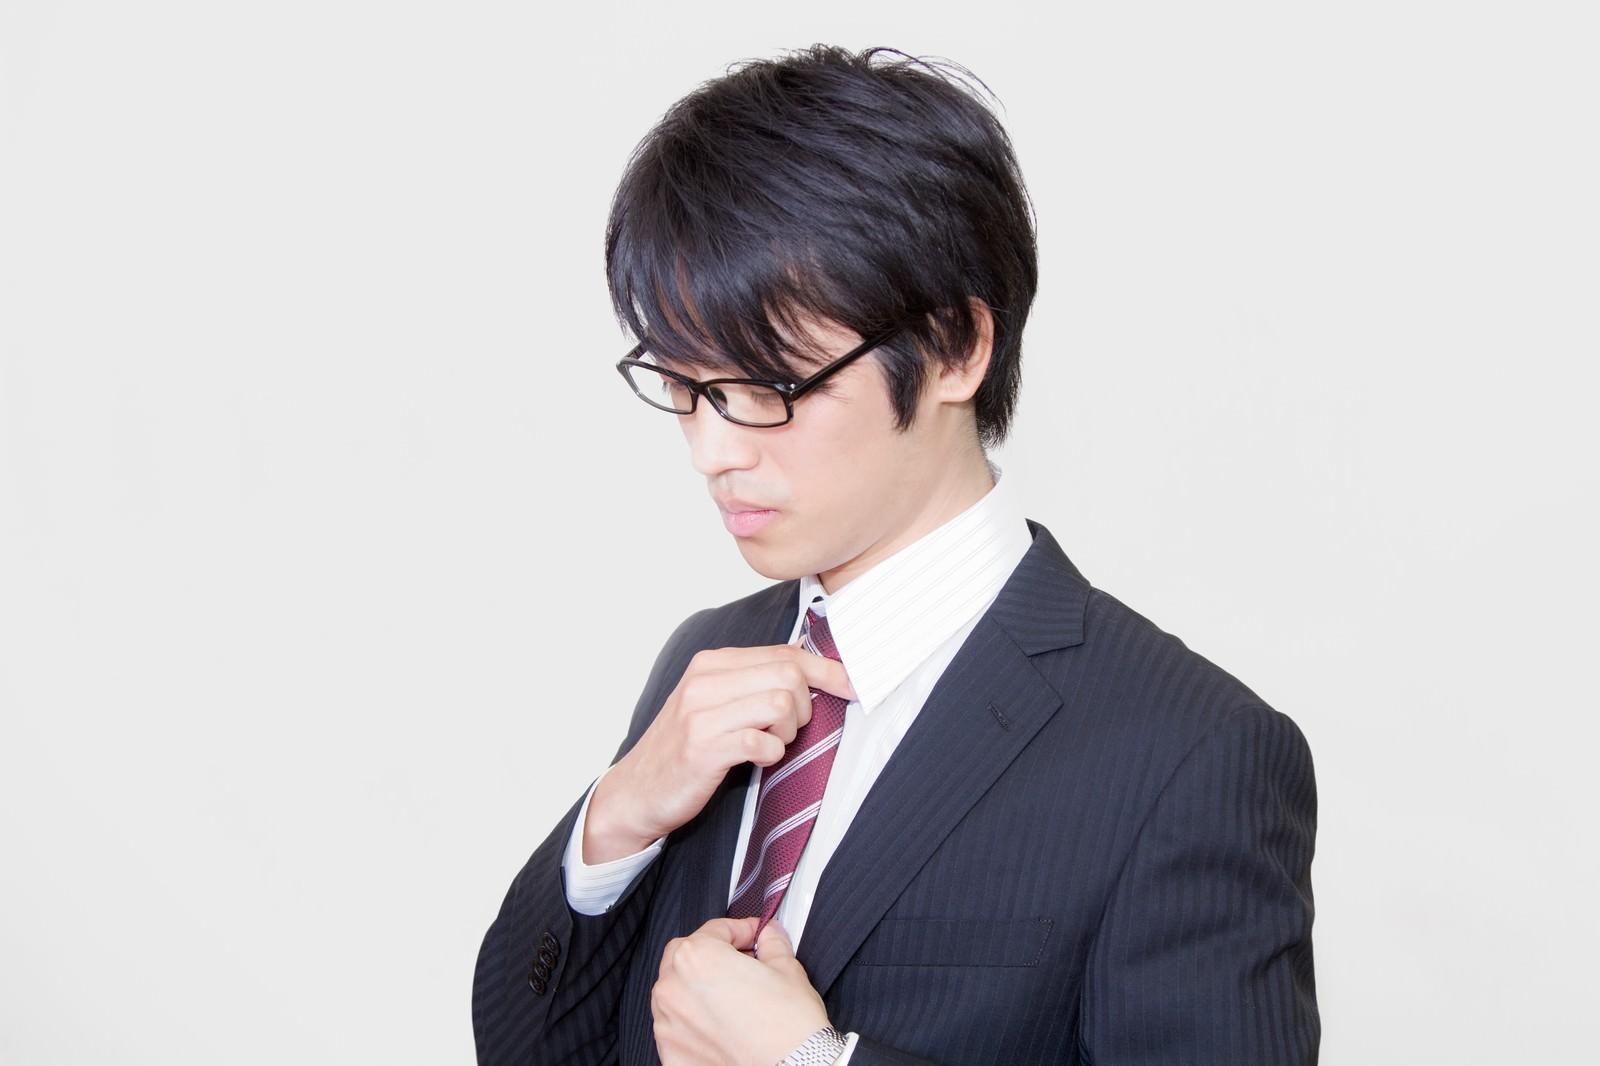 「ネクタイを直す眼鏡をかけたサラリーマン」の写真[モデル:Tsuyoshi.]